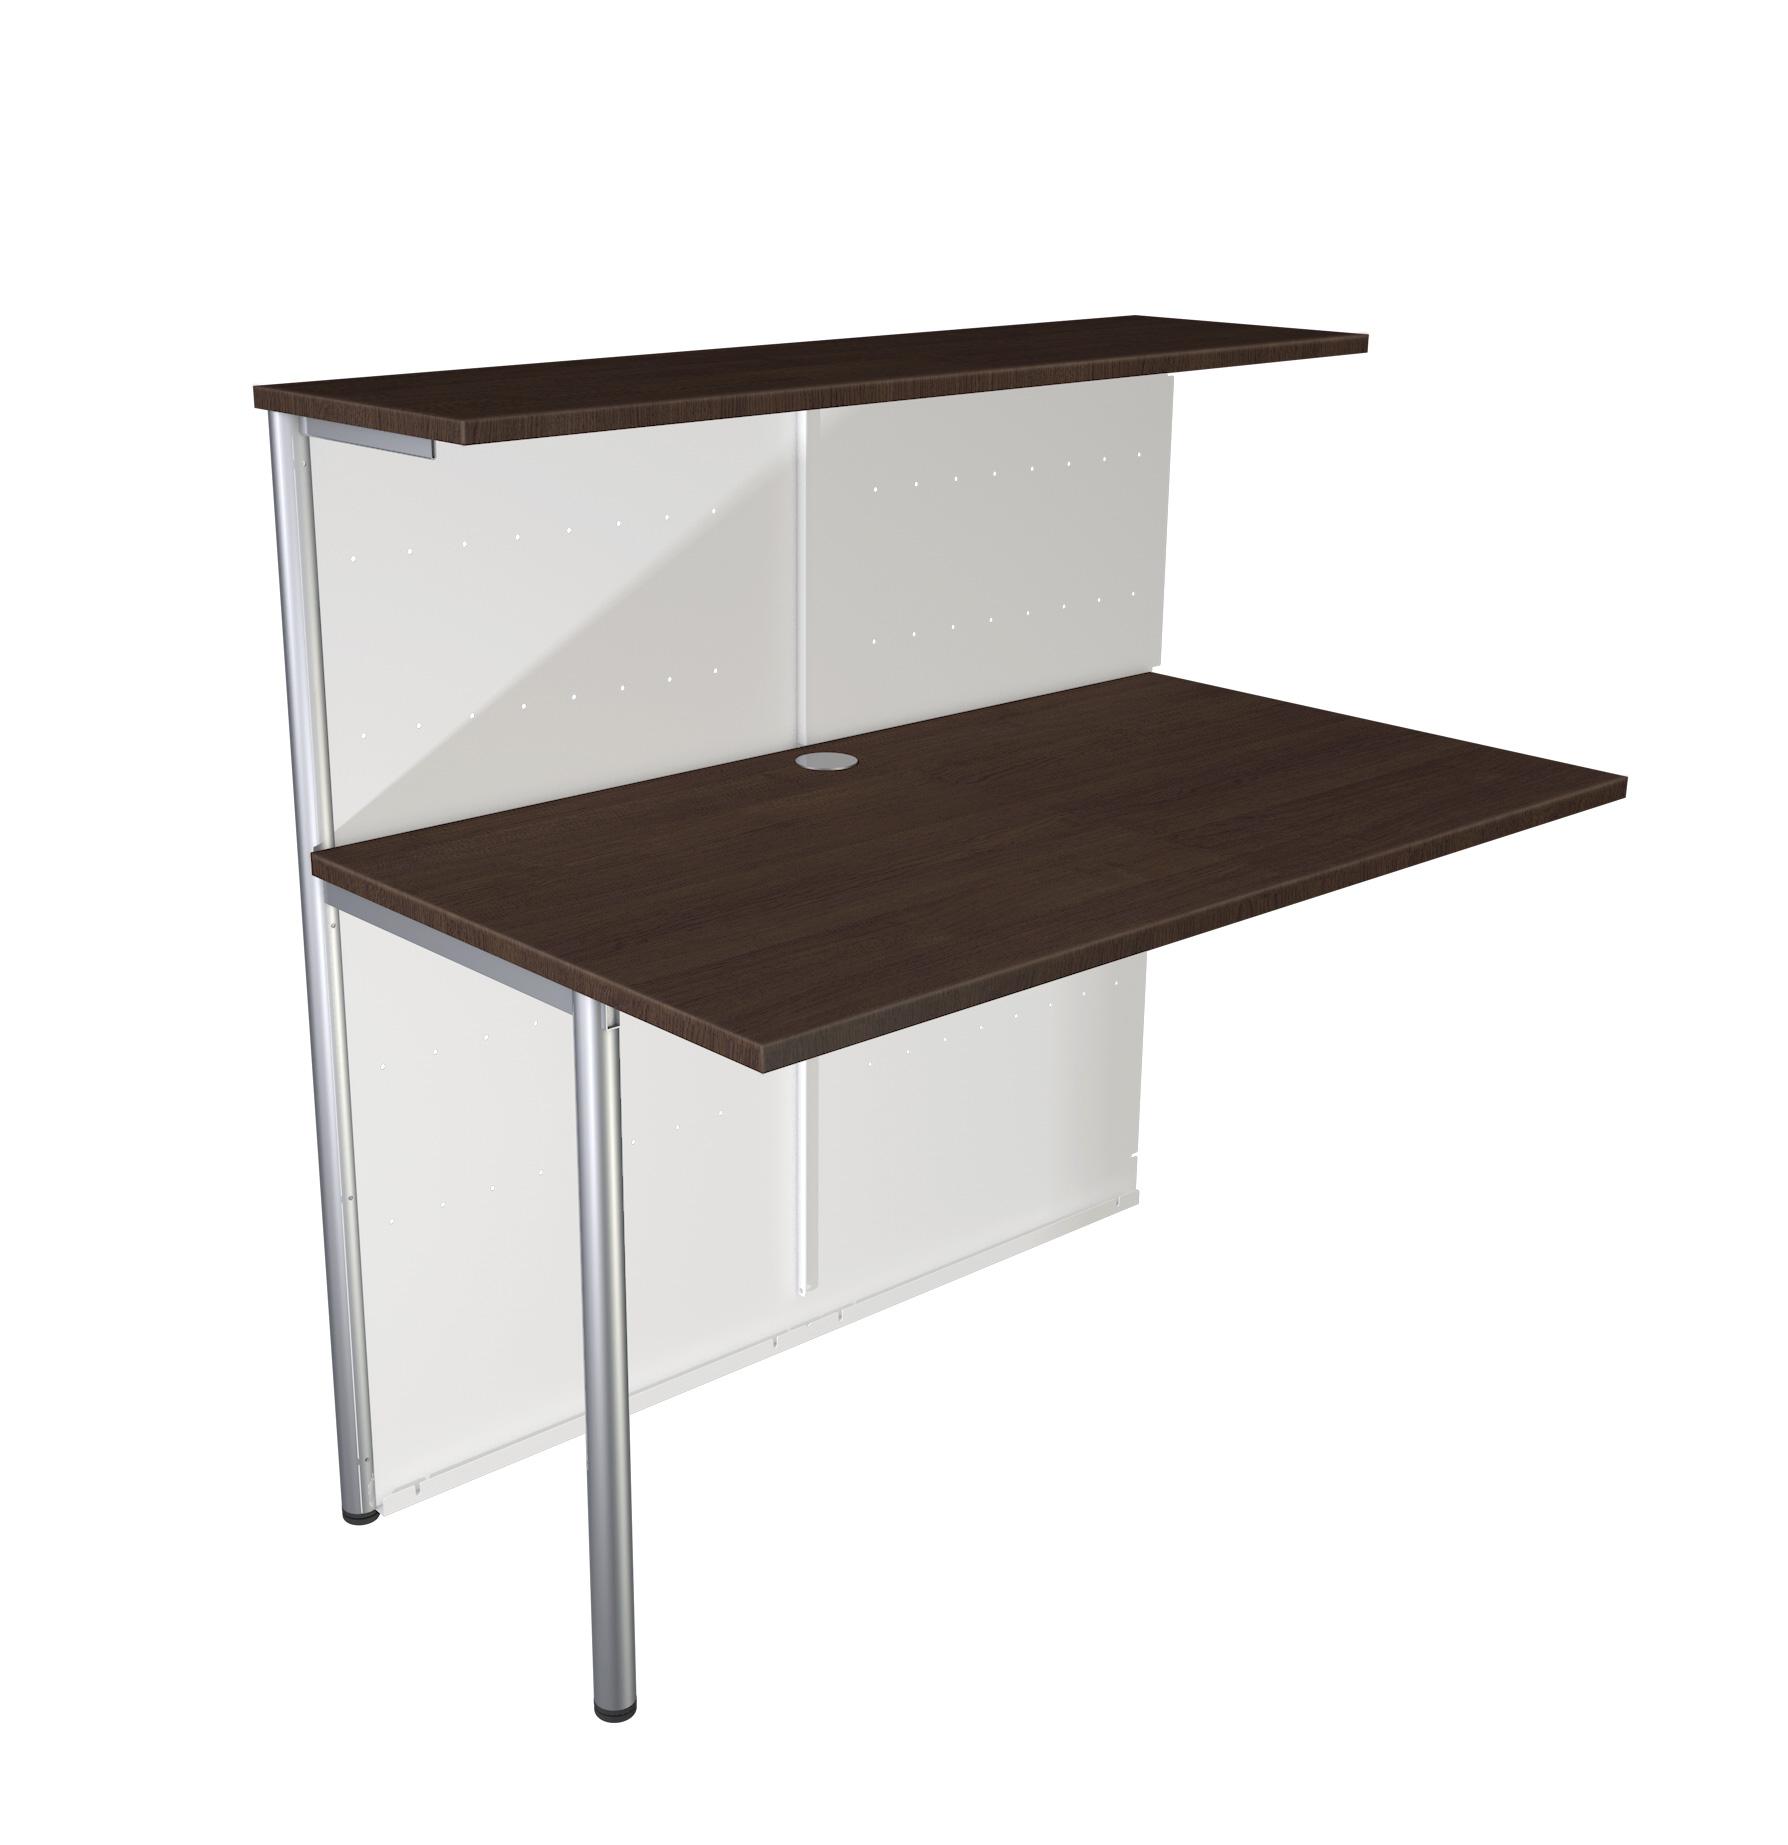 Büromöbel preiswert und schnell - Kerkmann MILANO Anbautheke gerade ...